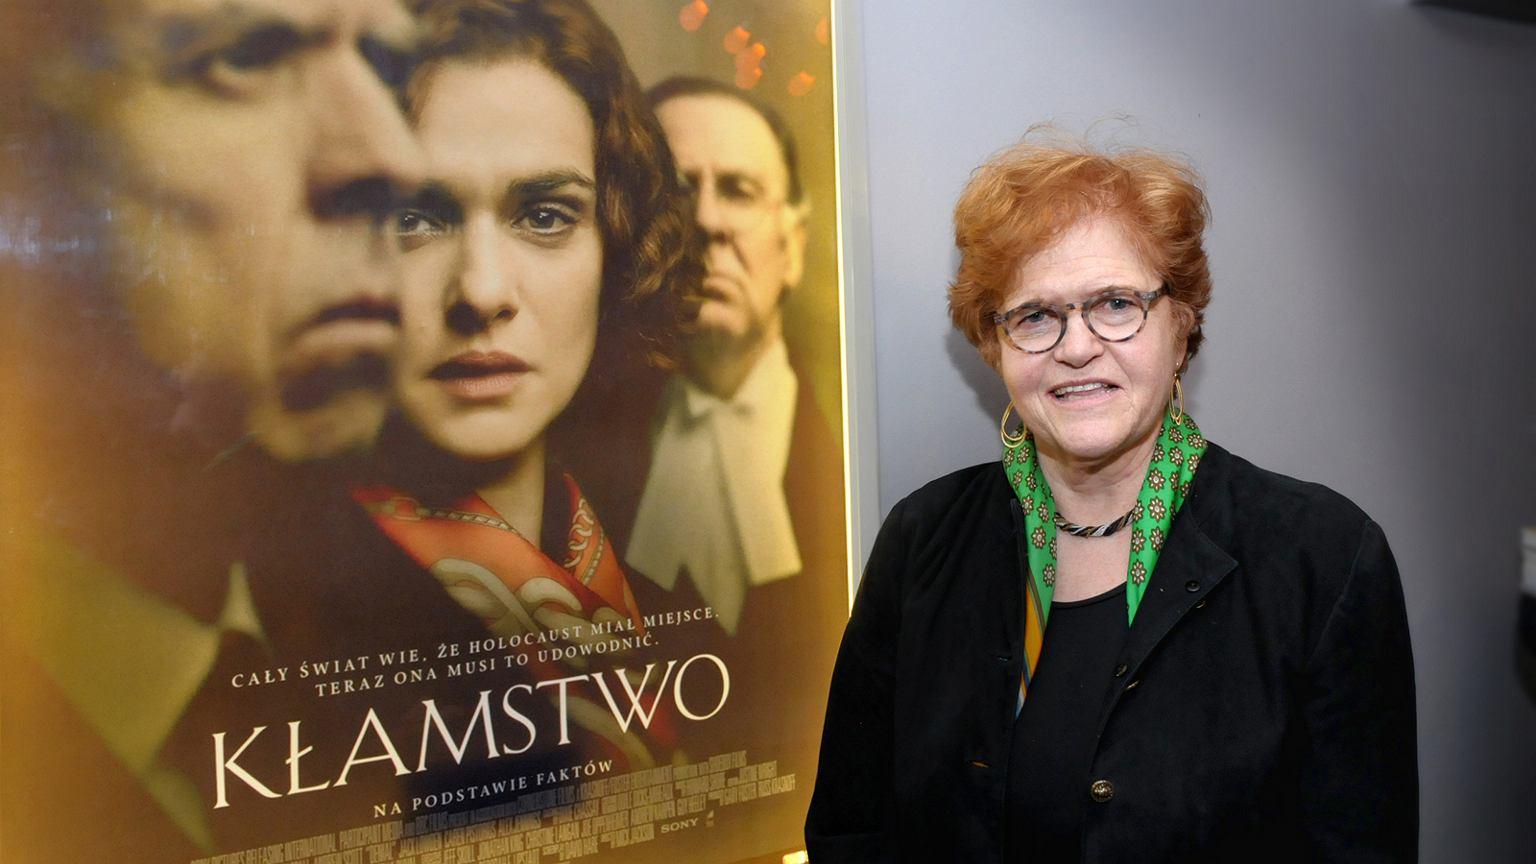 Prof. Deborah Lipstadt